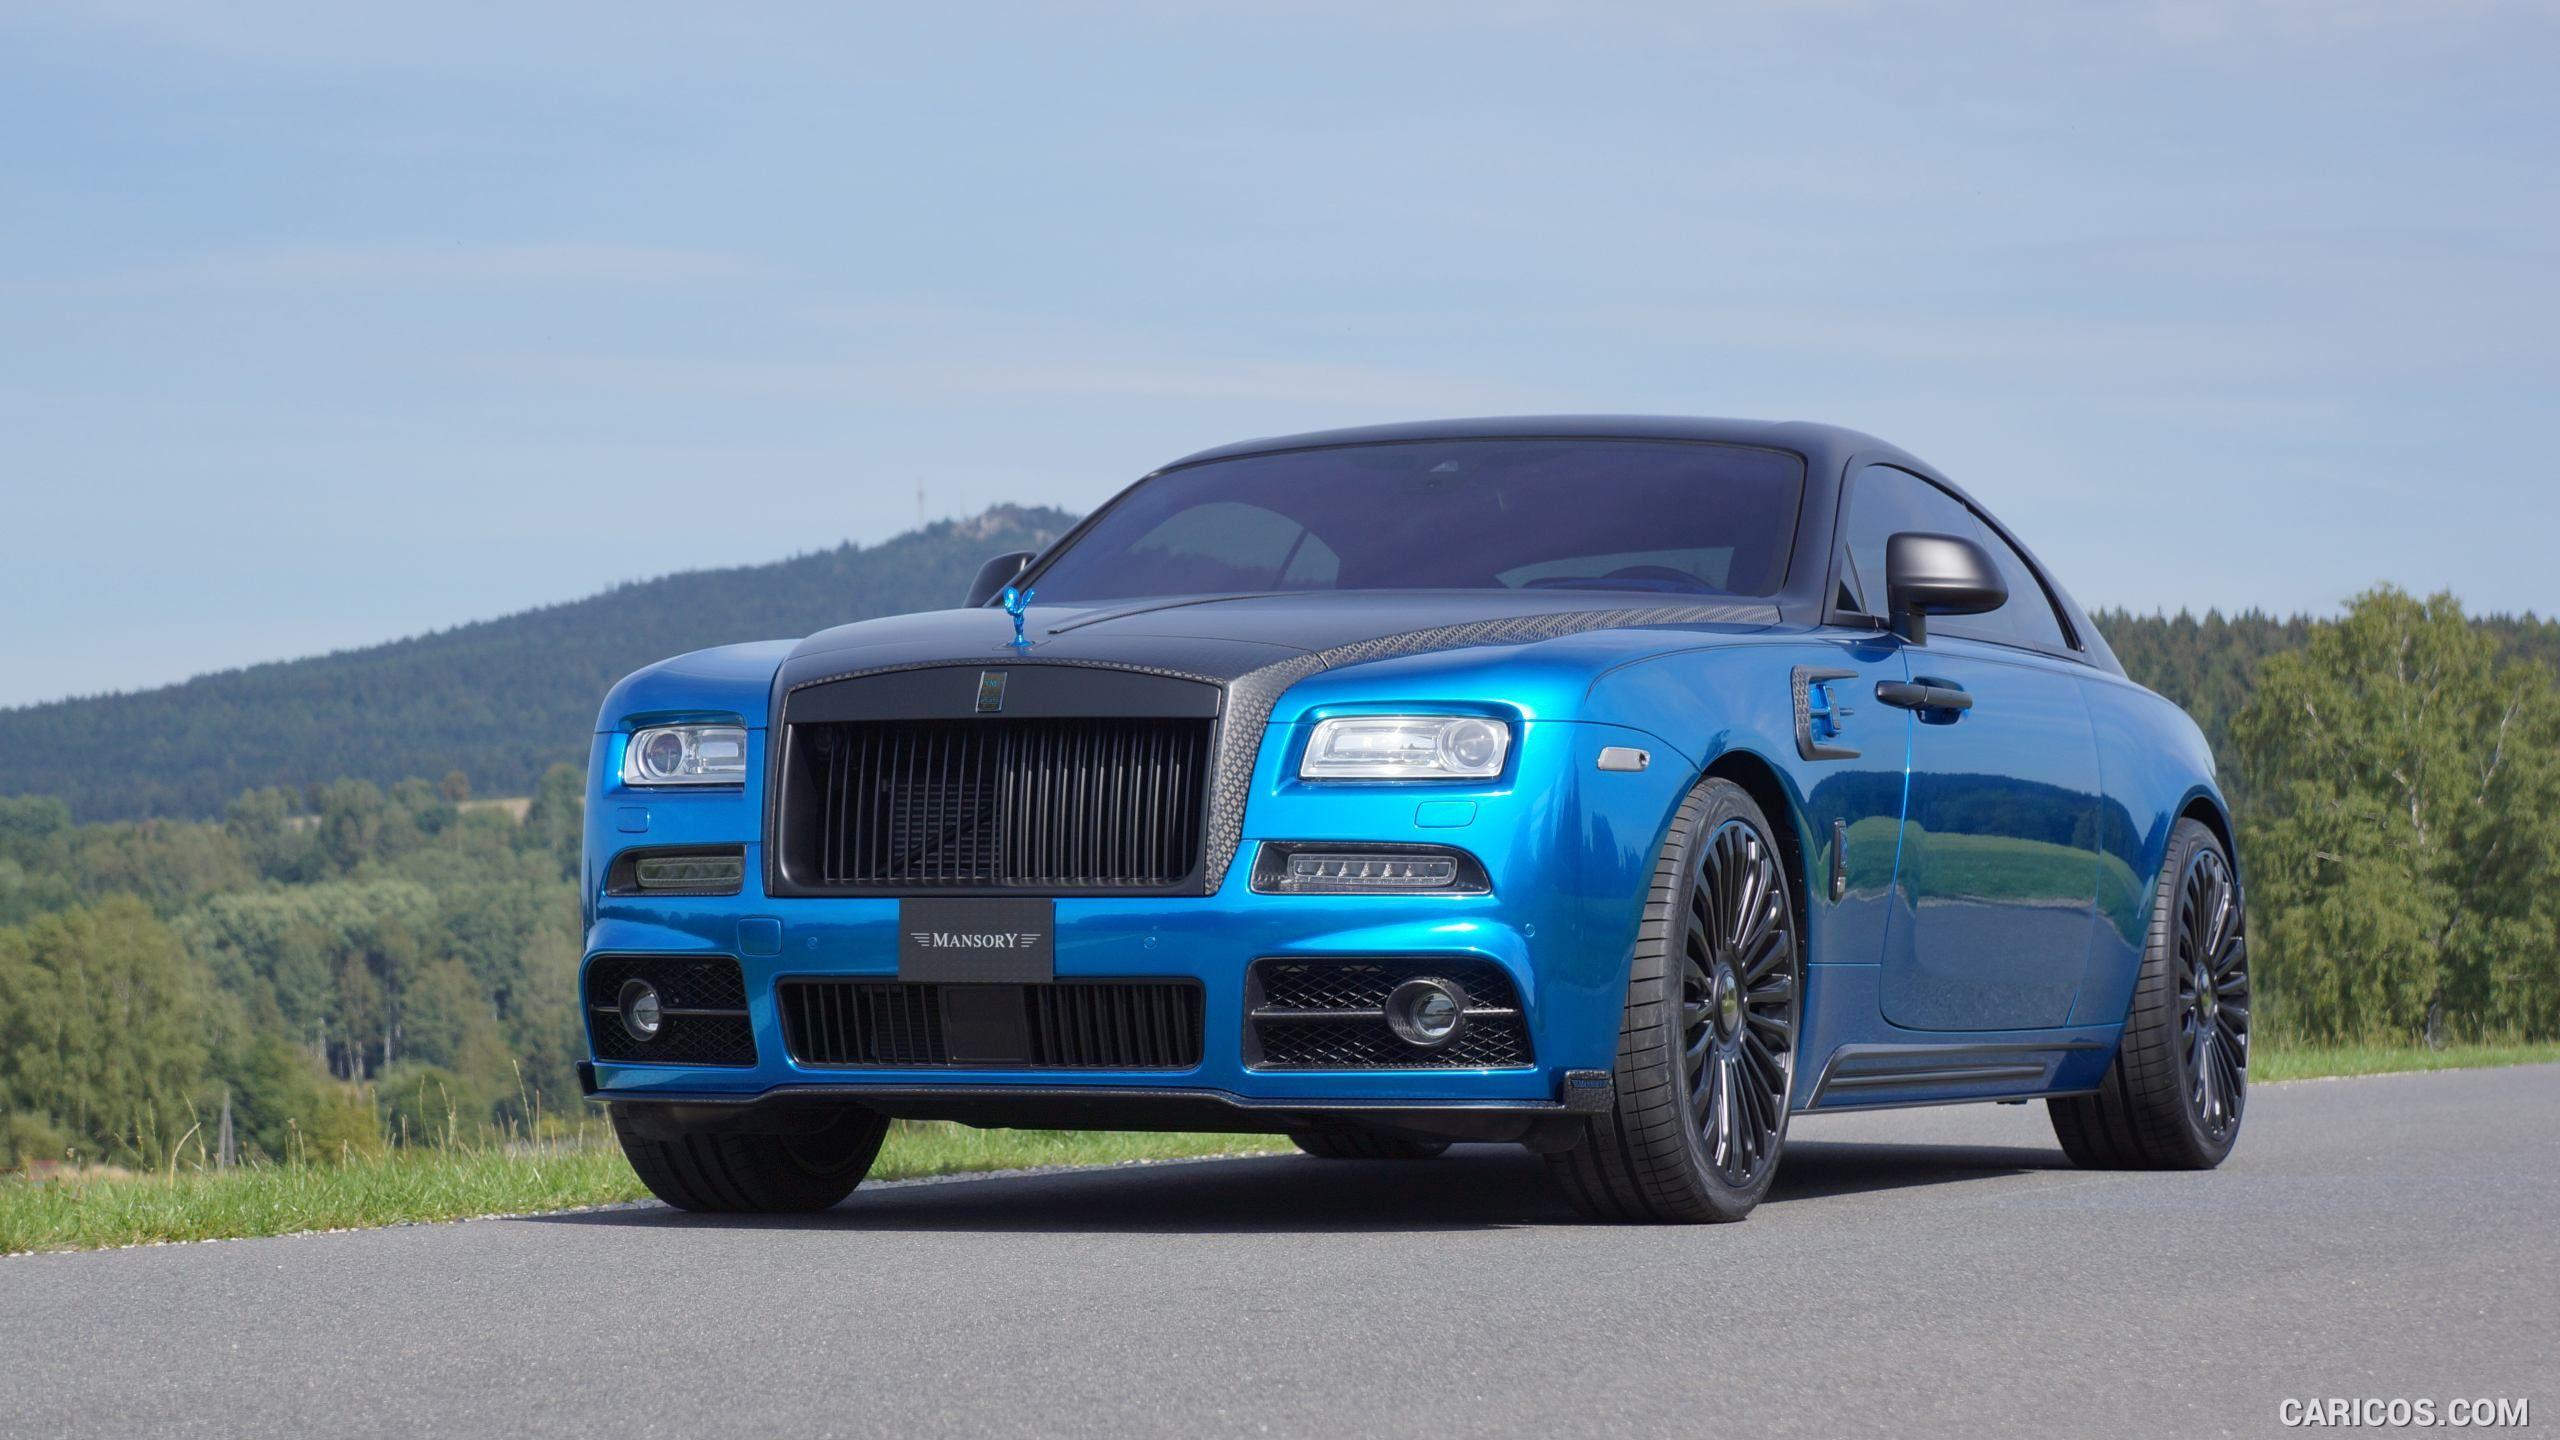 2015 MANSORY BLEURION Based On Rolls Royce Wraith Wallpaper